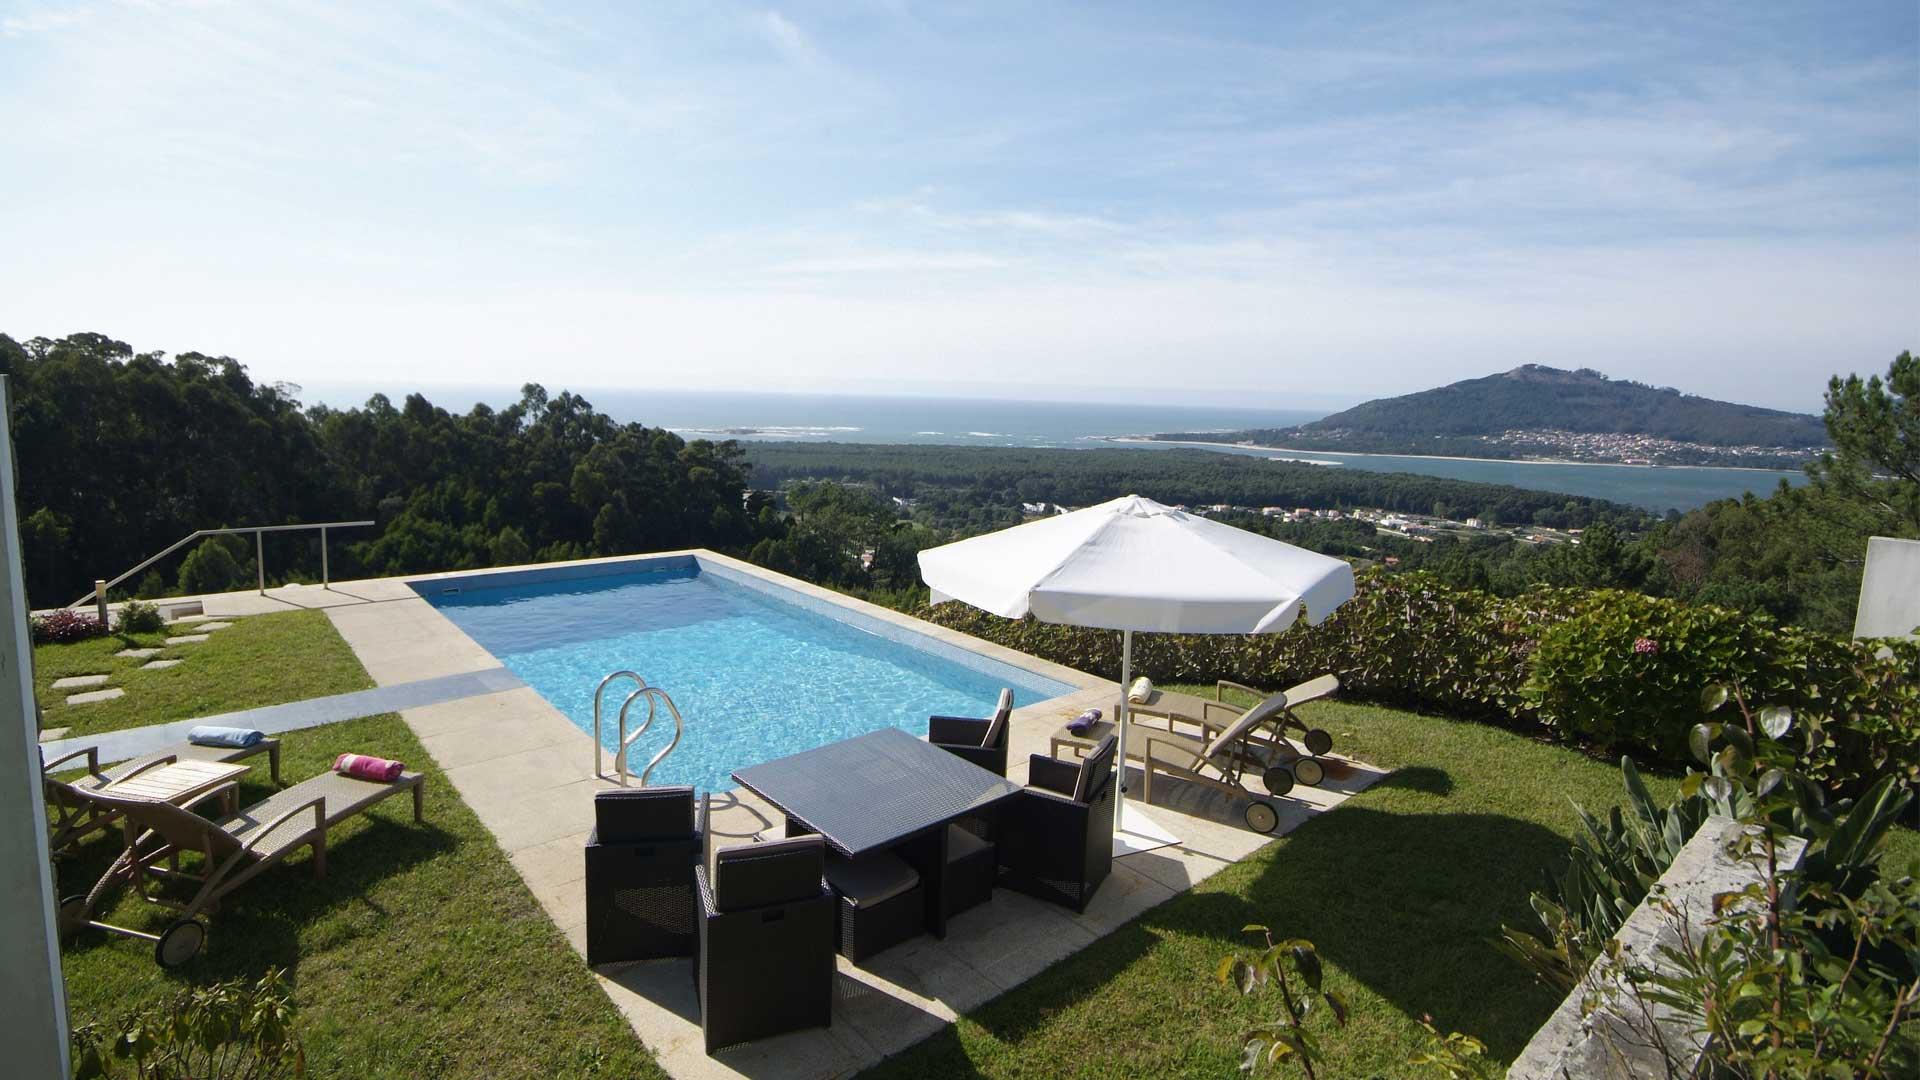 Luxury Villa Rentals In Porto And North Portugal: The Top avec Location Maison Portugal Piscine